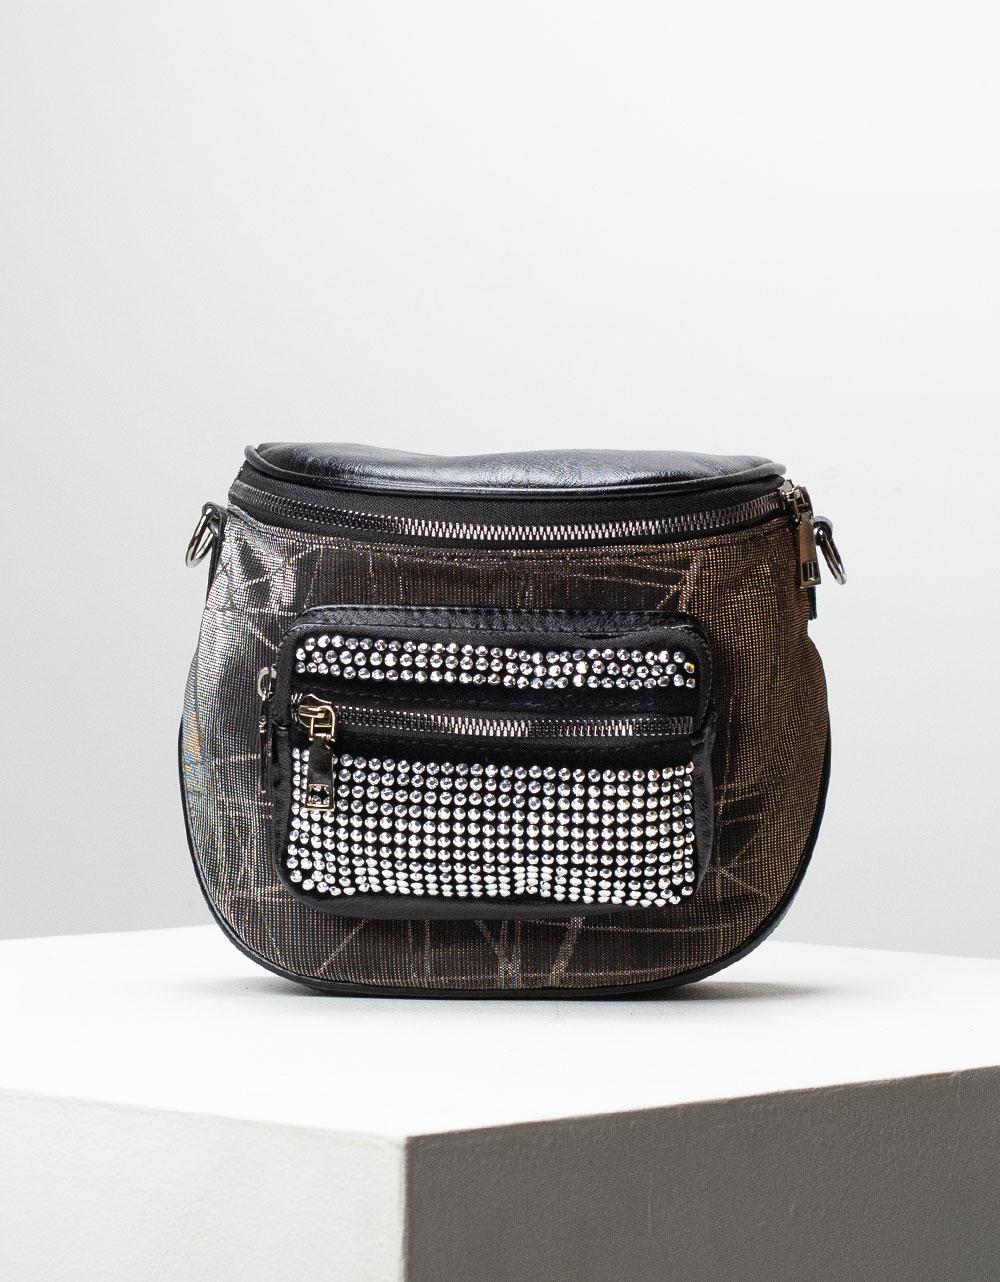 Εικόνα από Γυναικεία τσάντα ώμου & χιαστί με τρουκς στο τσεπάκι Καφέ